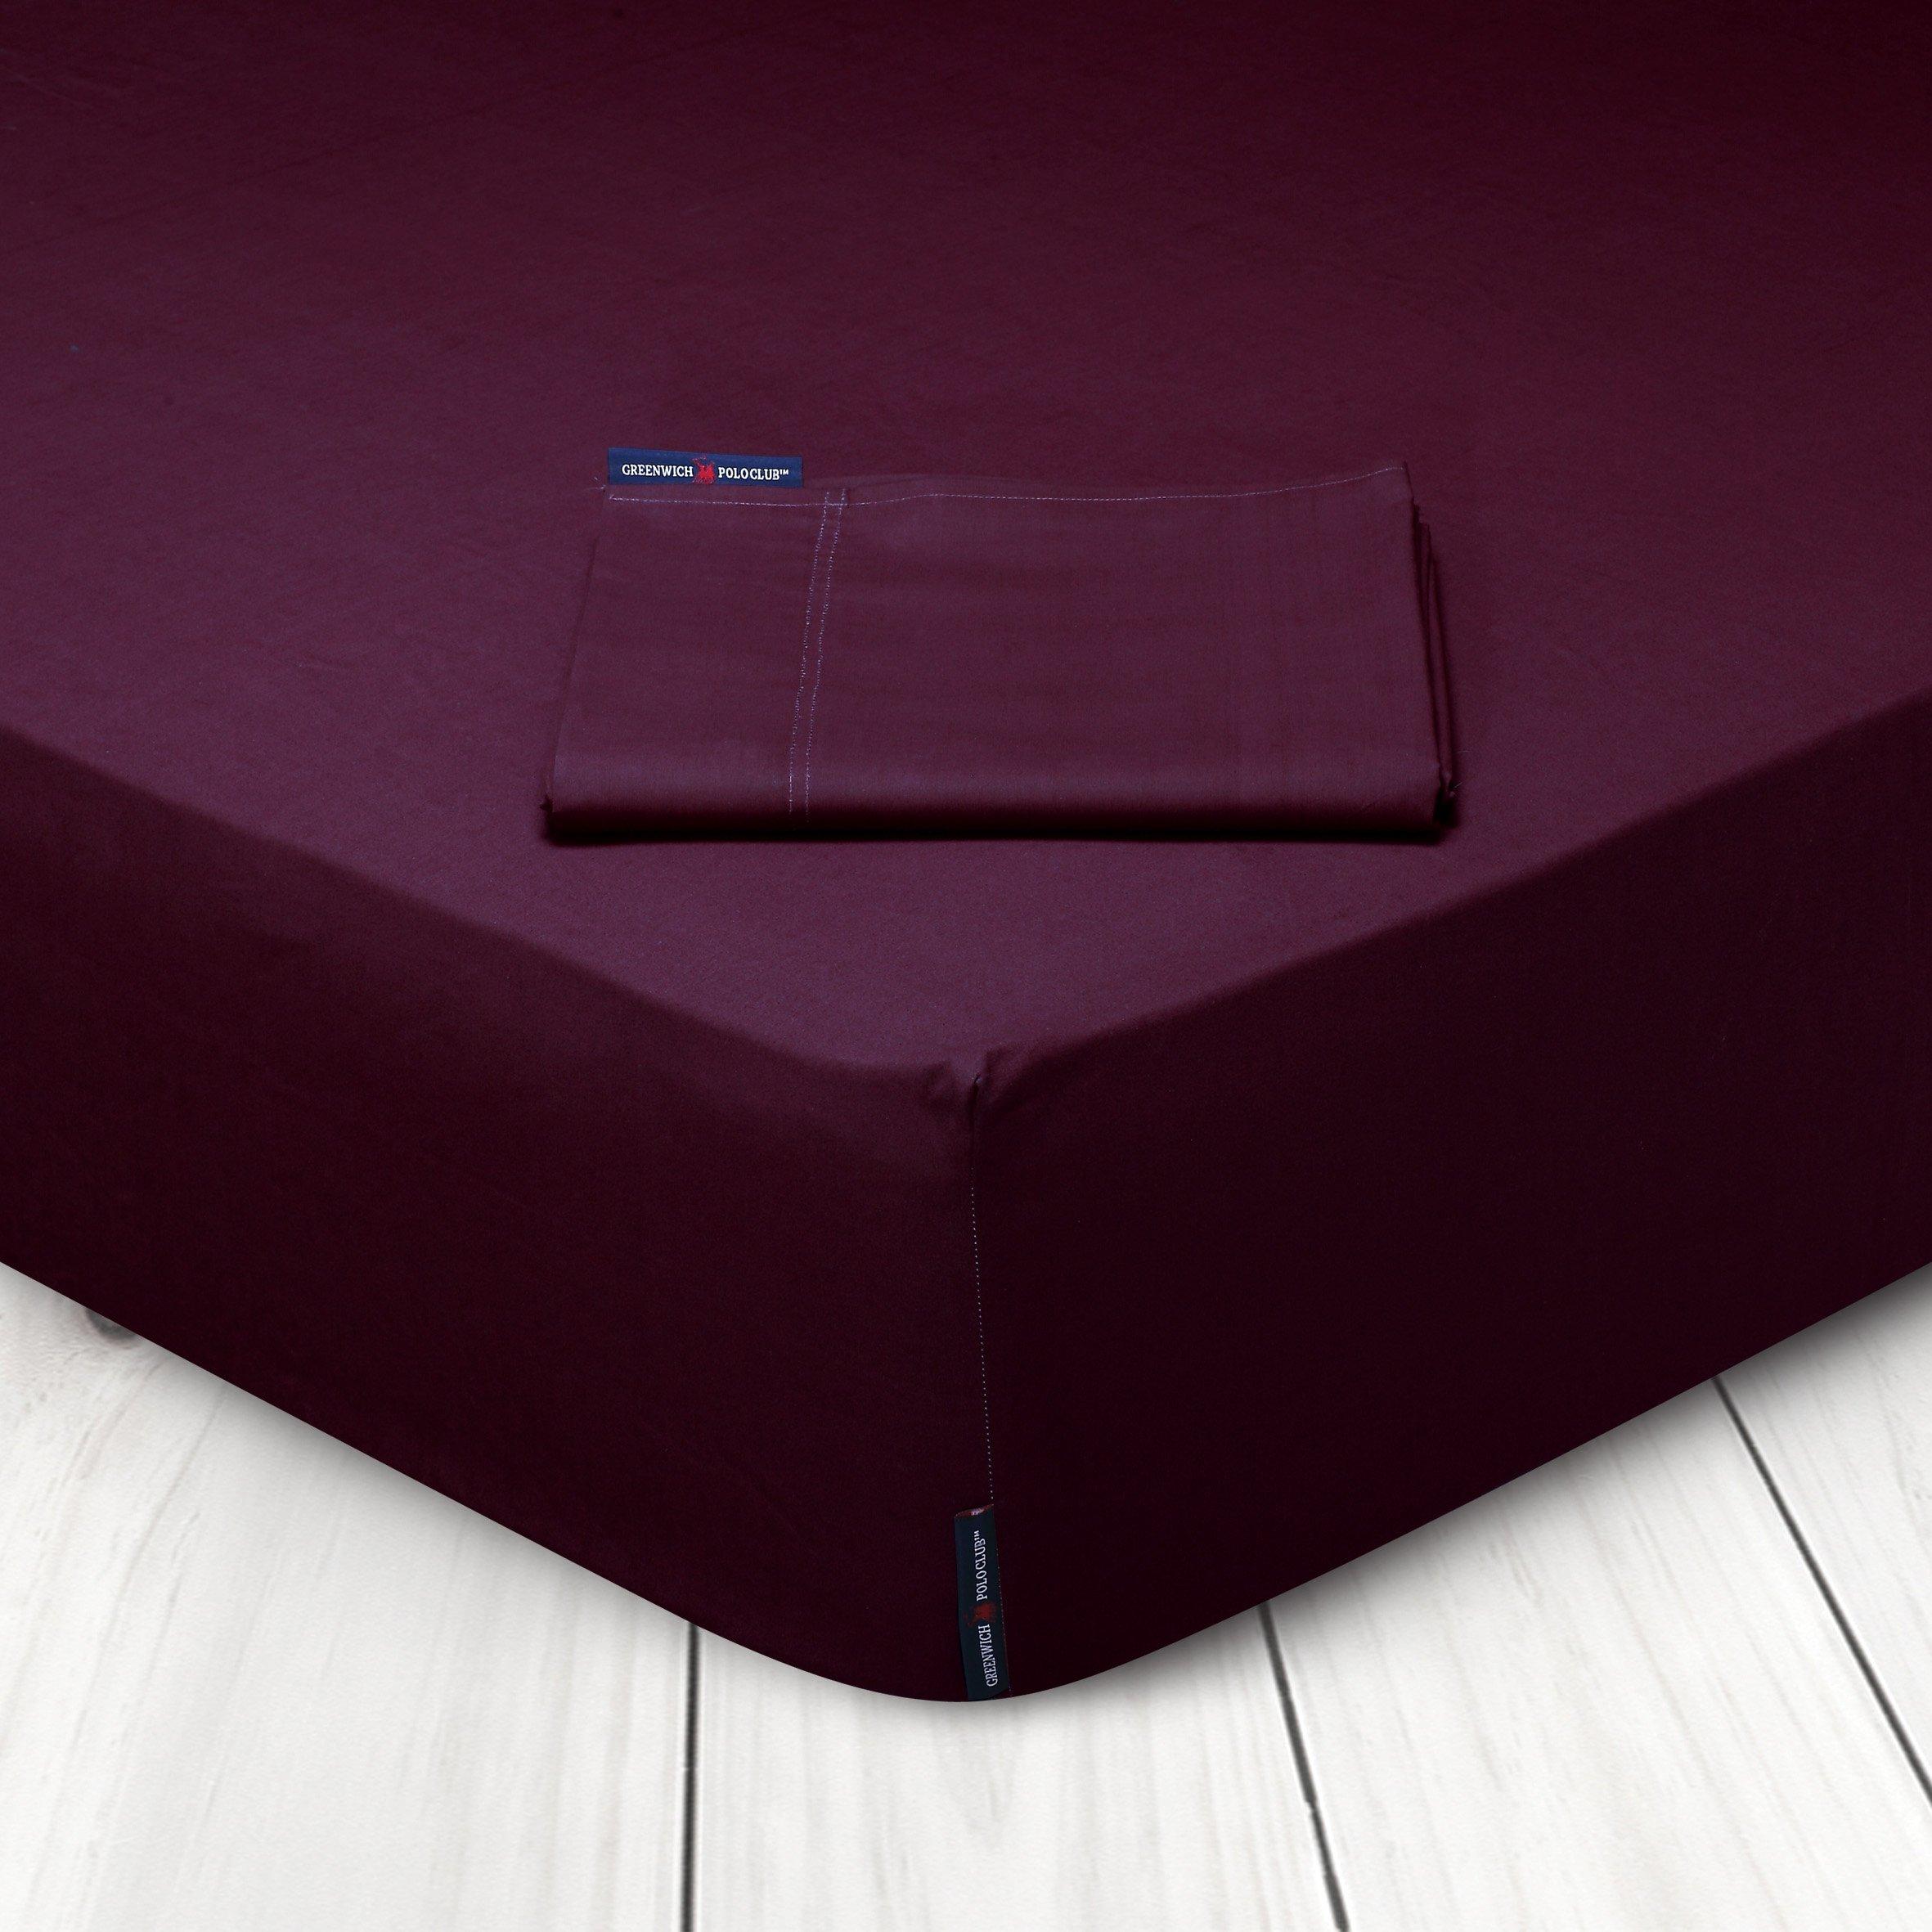 Σεντόνι Μεμονωμένο Υπέρδιπλο 240×270 Greenwich Polo Club Premium 2205 Μπορντω Χωρίς Λάστιχο